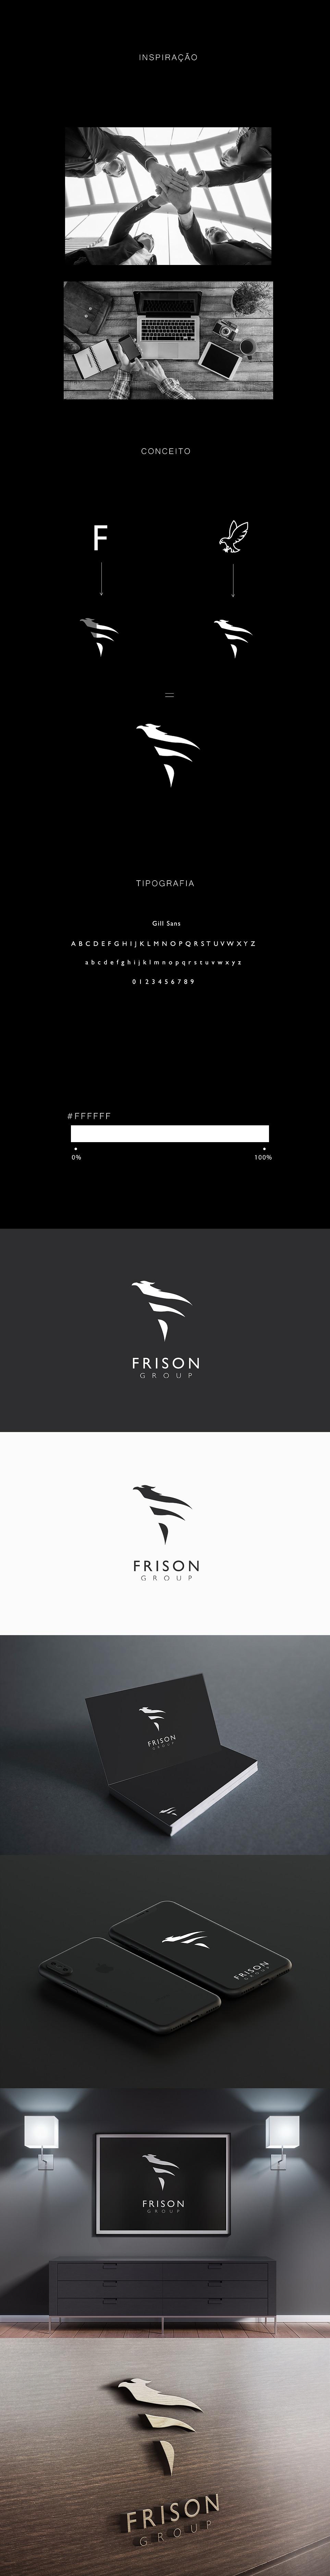 Frison_apresentação.jpg